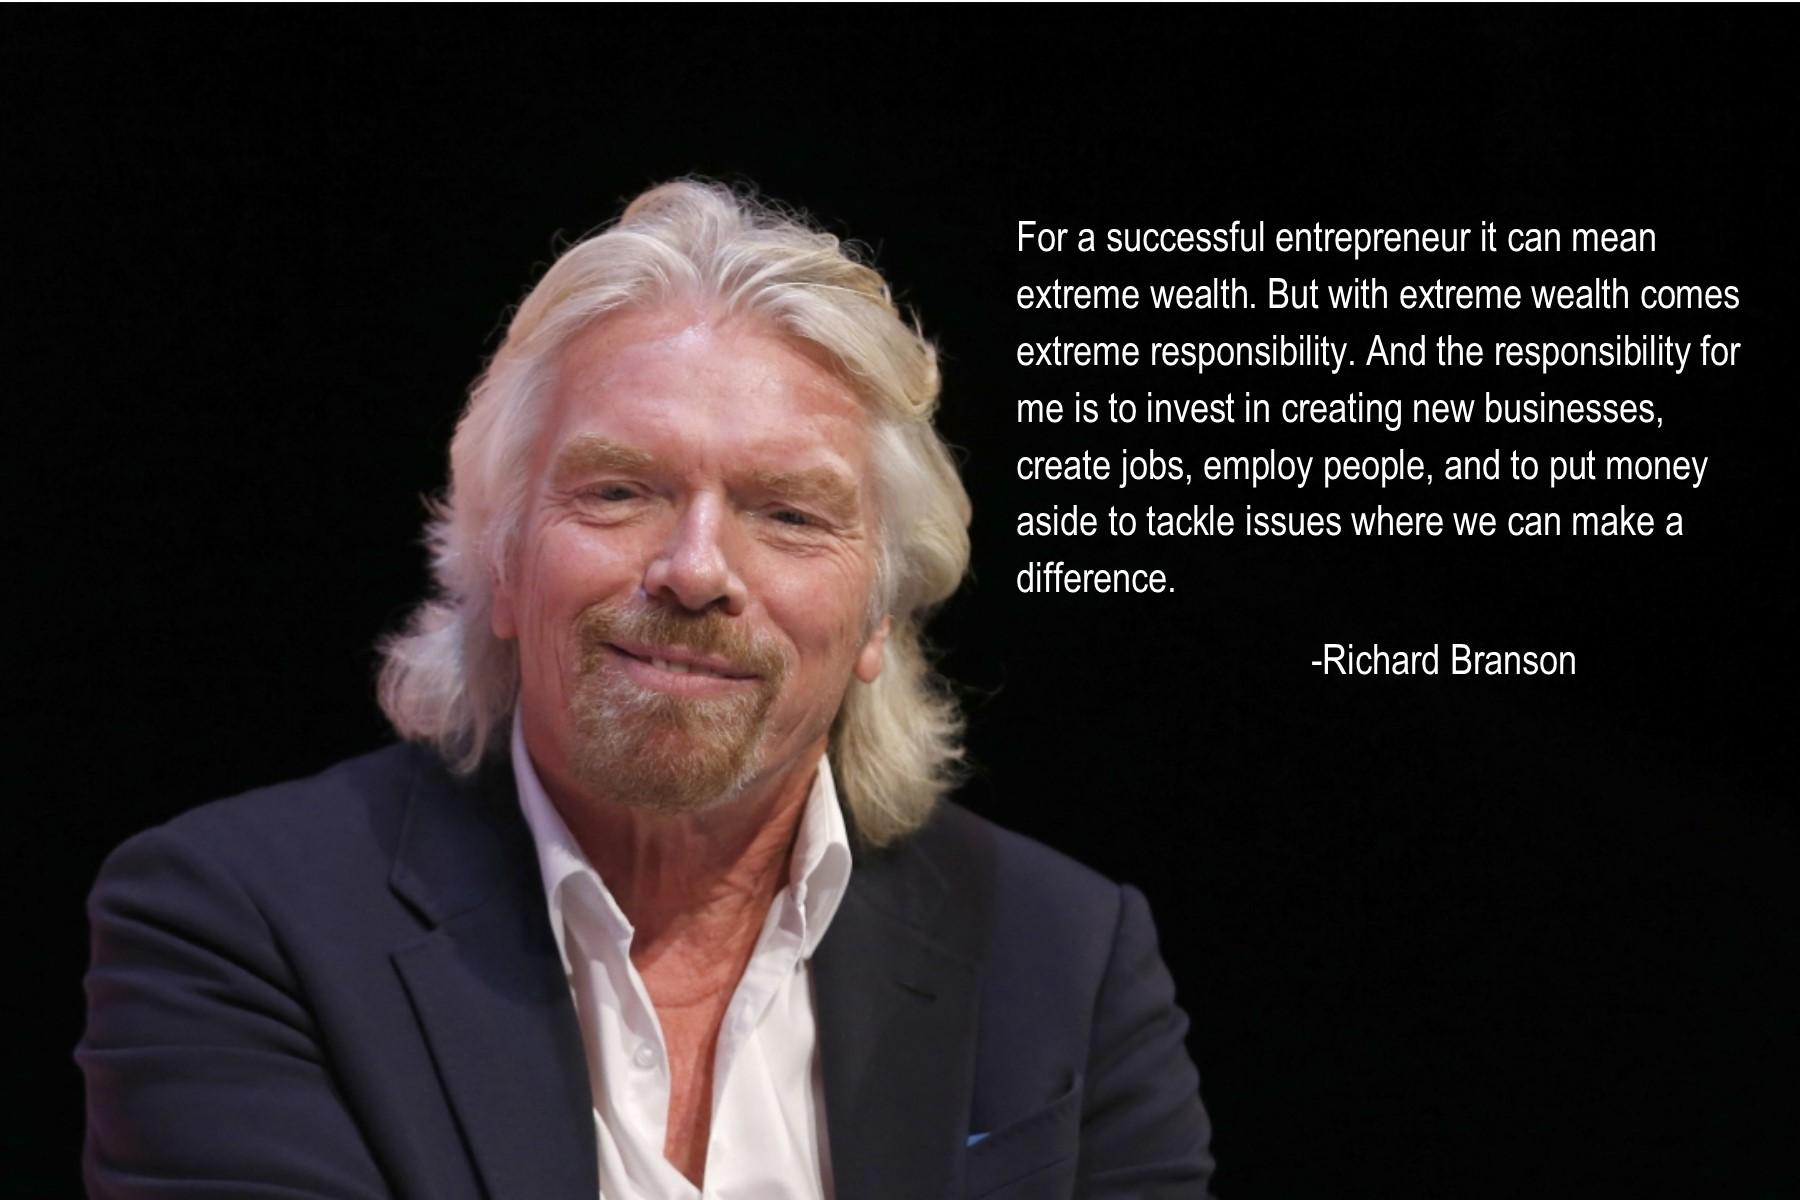 a description of richard branson as an entrepreneur